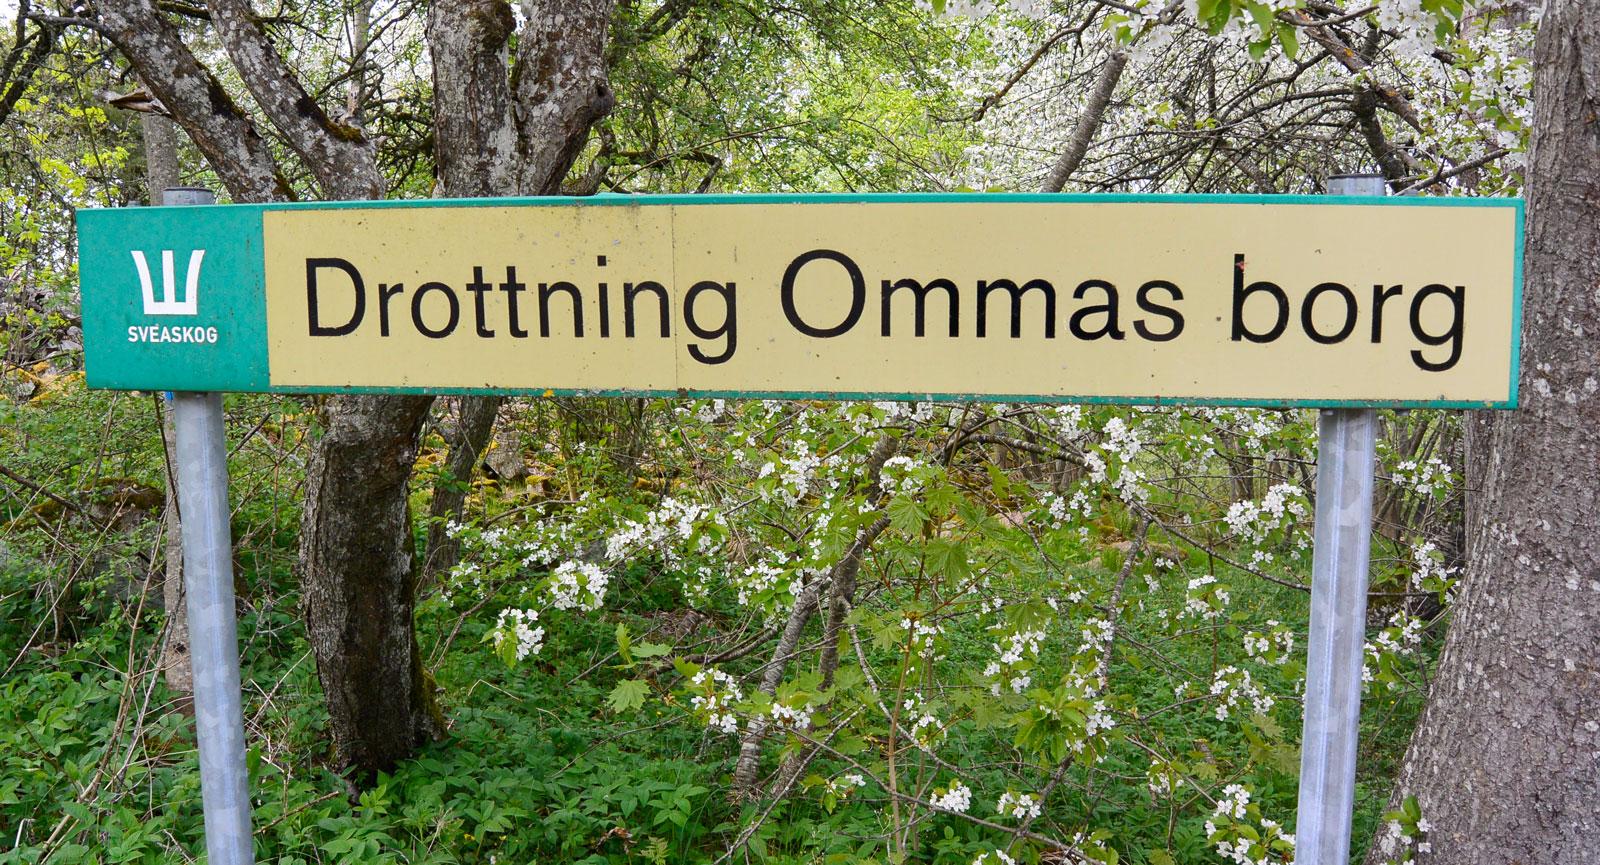 Fornlämningarna av drottning Ommas borg kan ses på Ombergs nordligaste del. Hit tar man sig enkelt med (hus)bil.